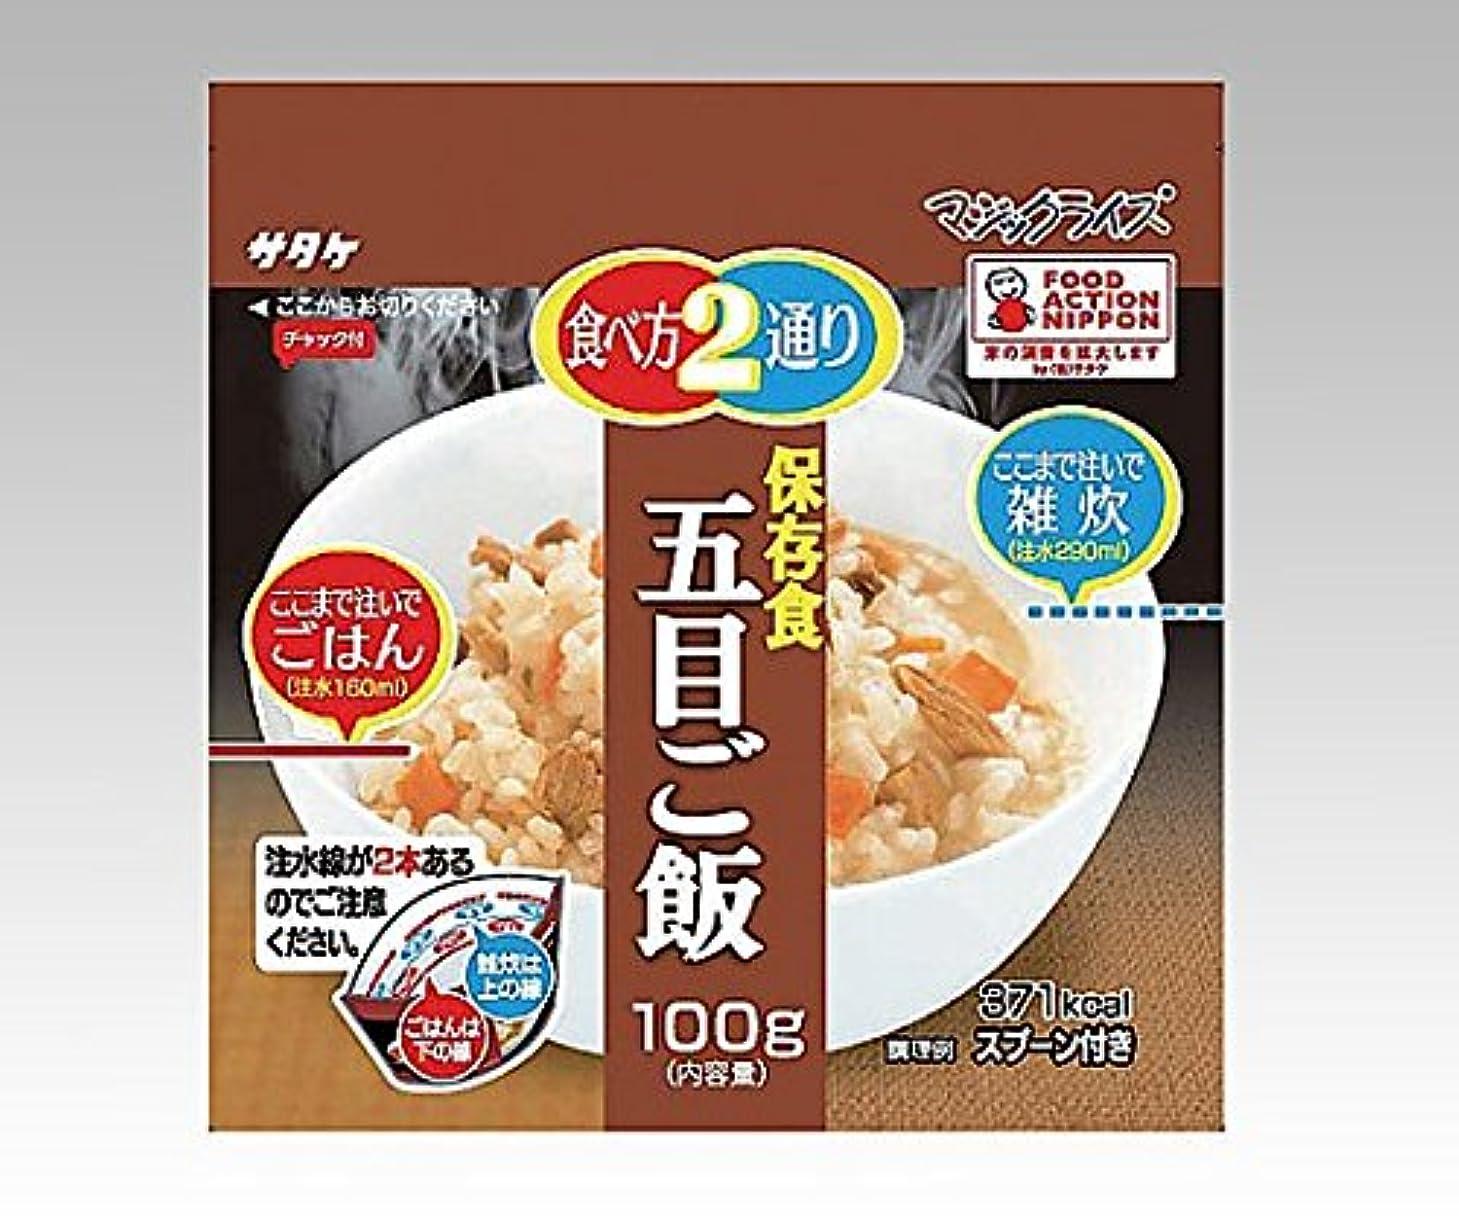 乱すきしむ対抗8-2802-03非常用食品(五目ご飯/50食分)